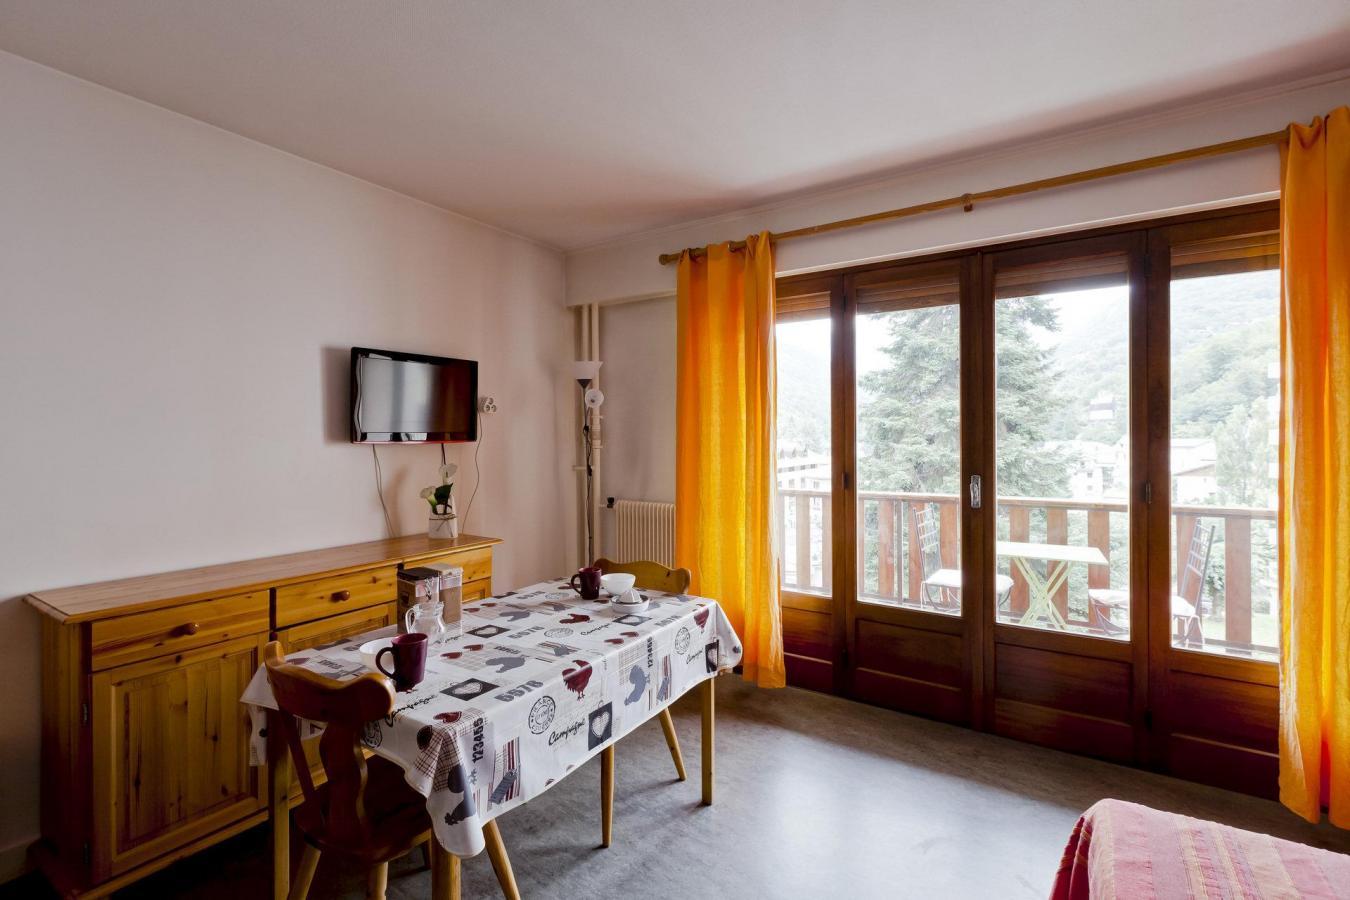 Location au ski Studio 2 personnes (34) - Residence Villa Louise - Brides Les Bains - Table